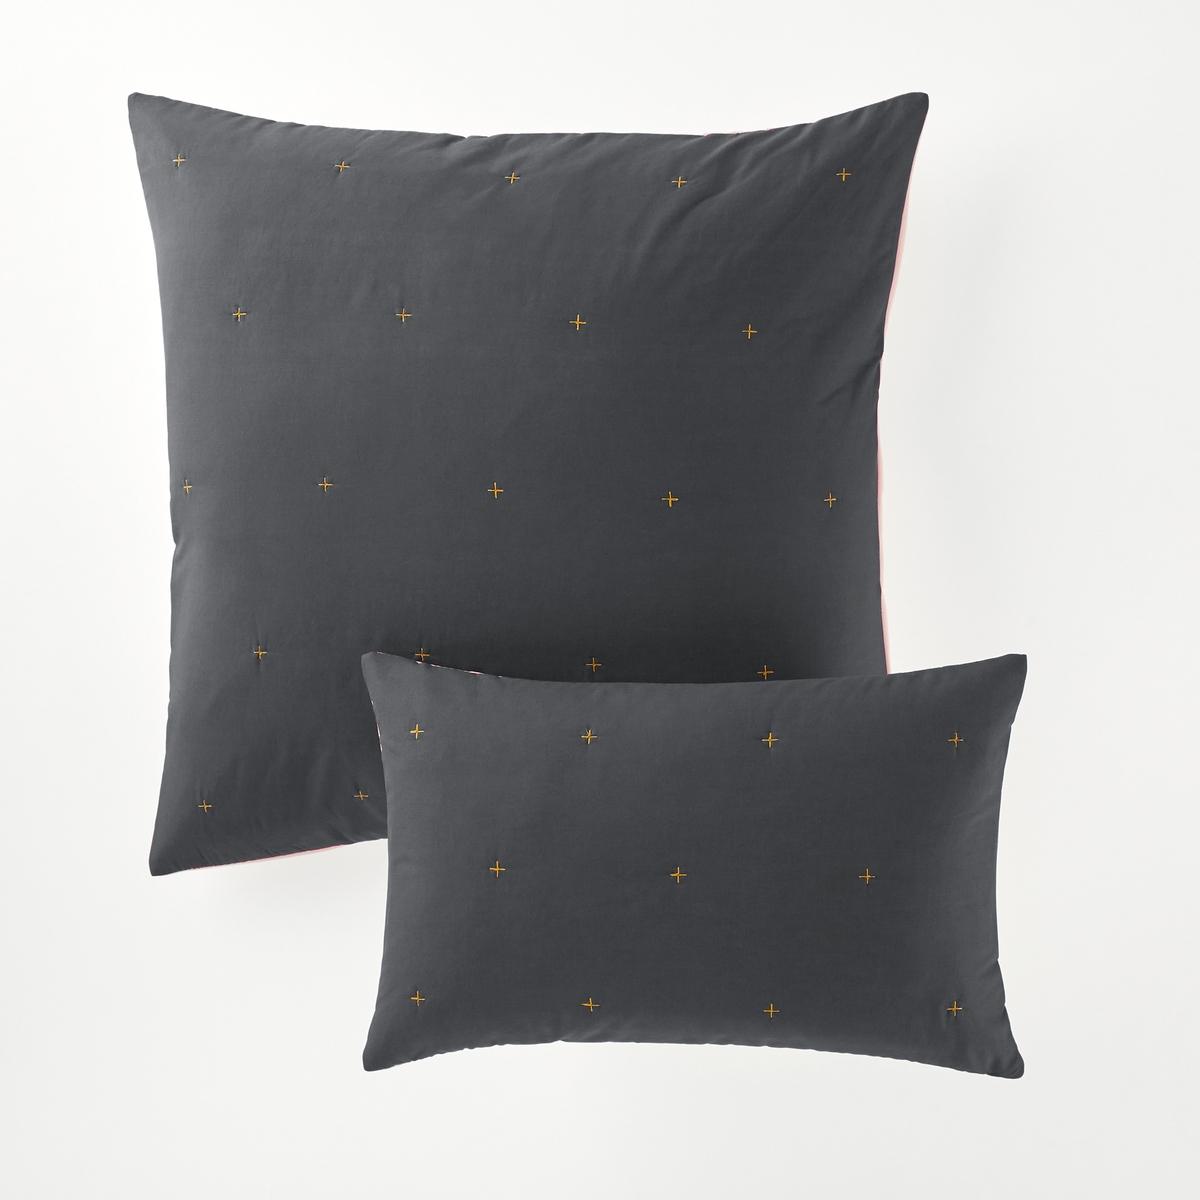 Чехол на подушку двухцветный, Floki